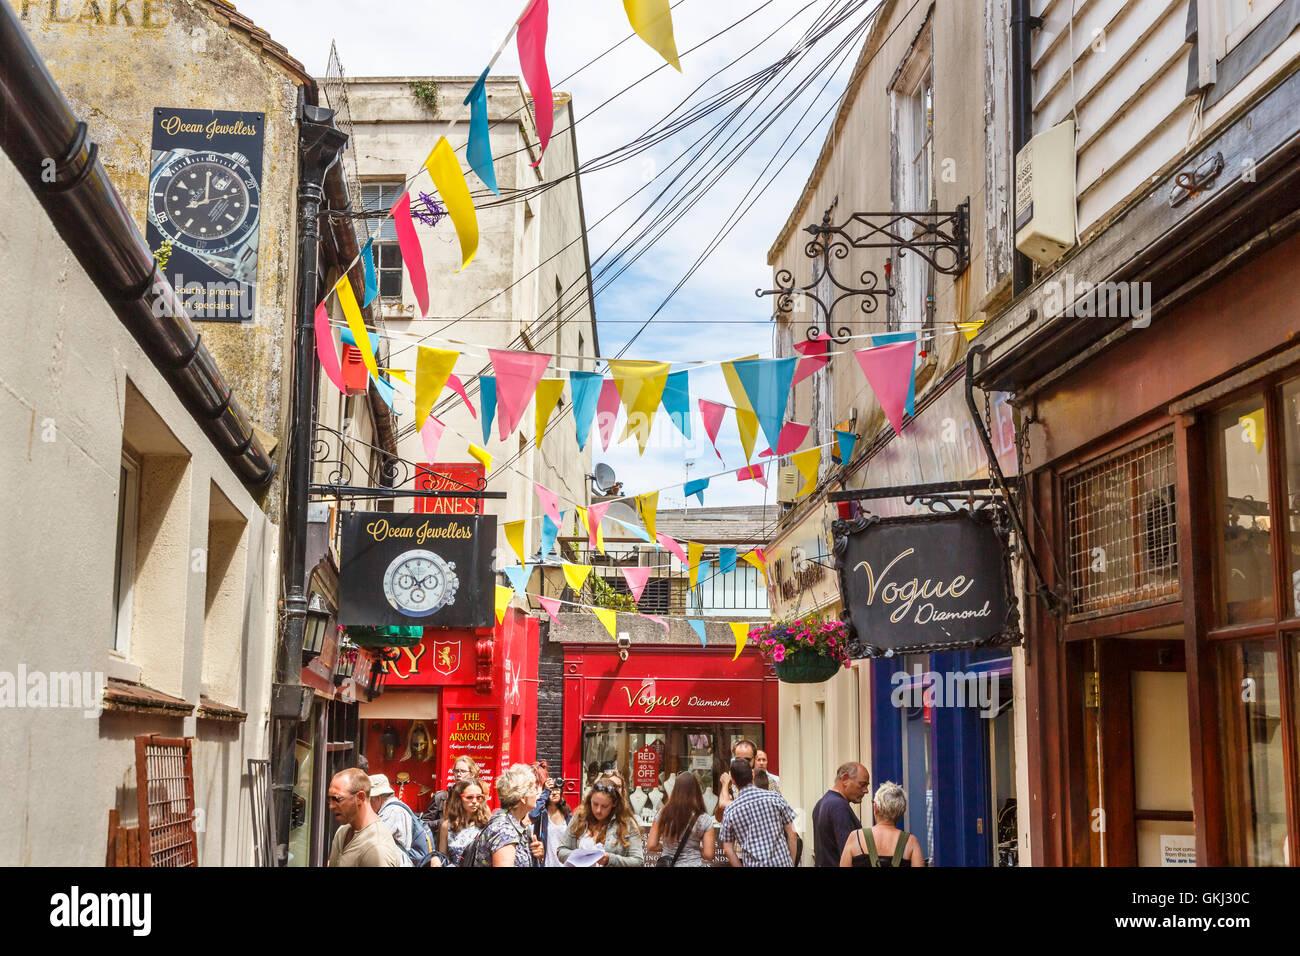 Enseignes de boutiques colorées et bunting dans les Lanes, Brighton, East Sussex, Royaume-Uni sur une journée Photo Stock